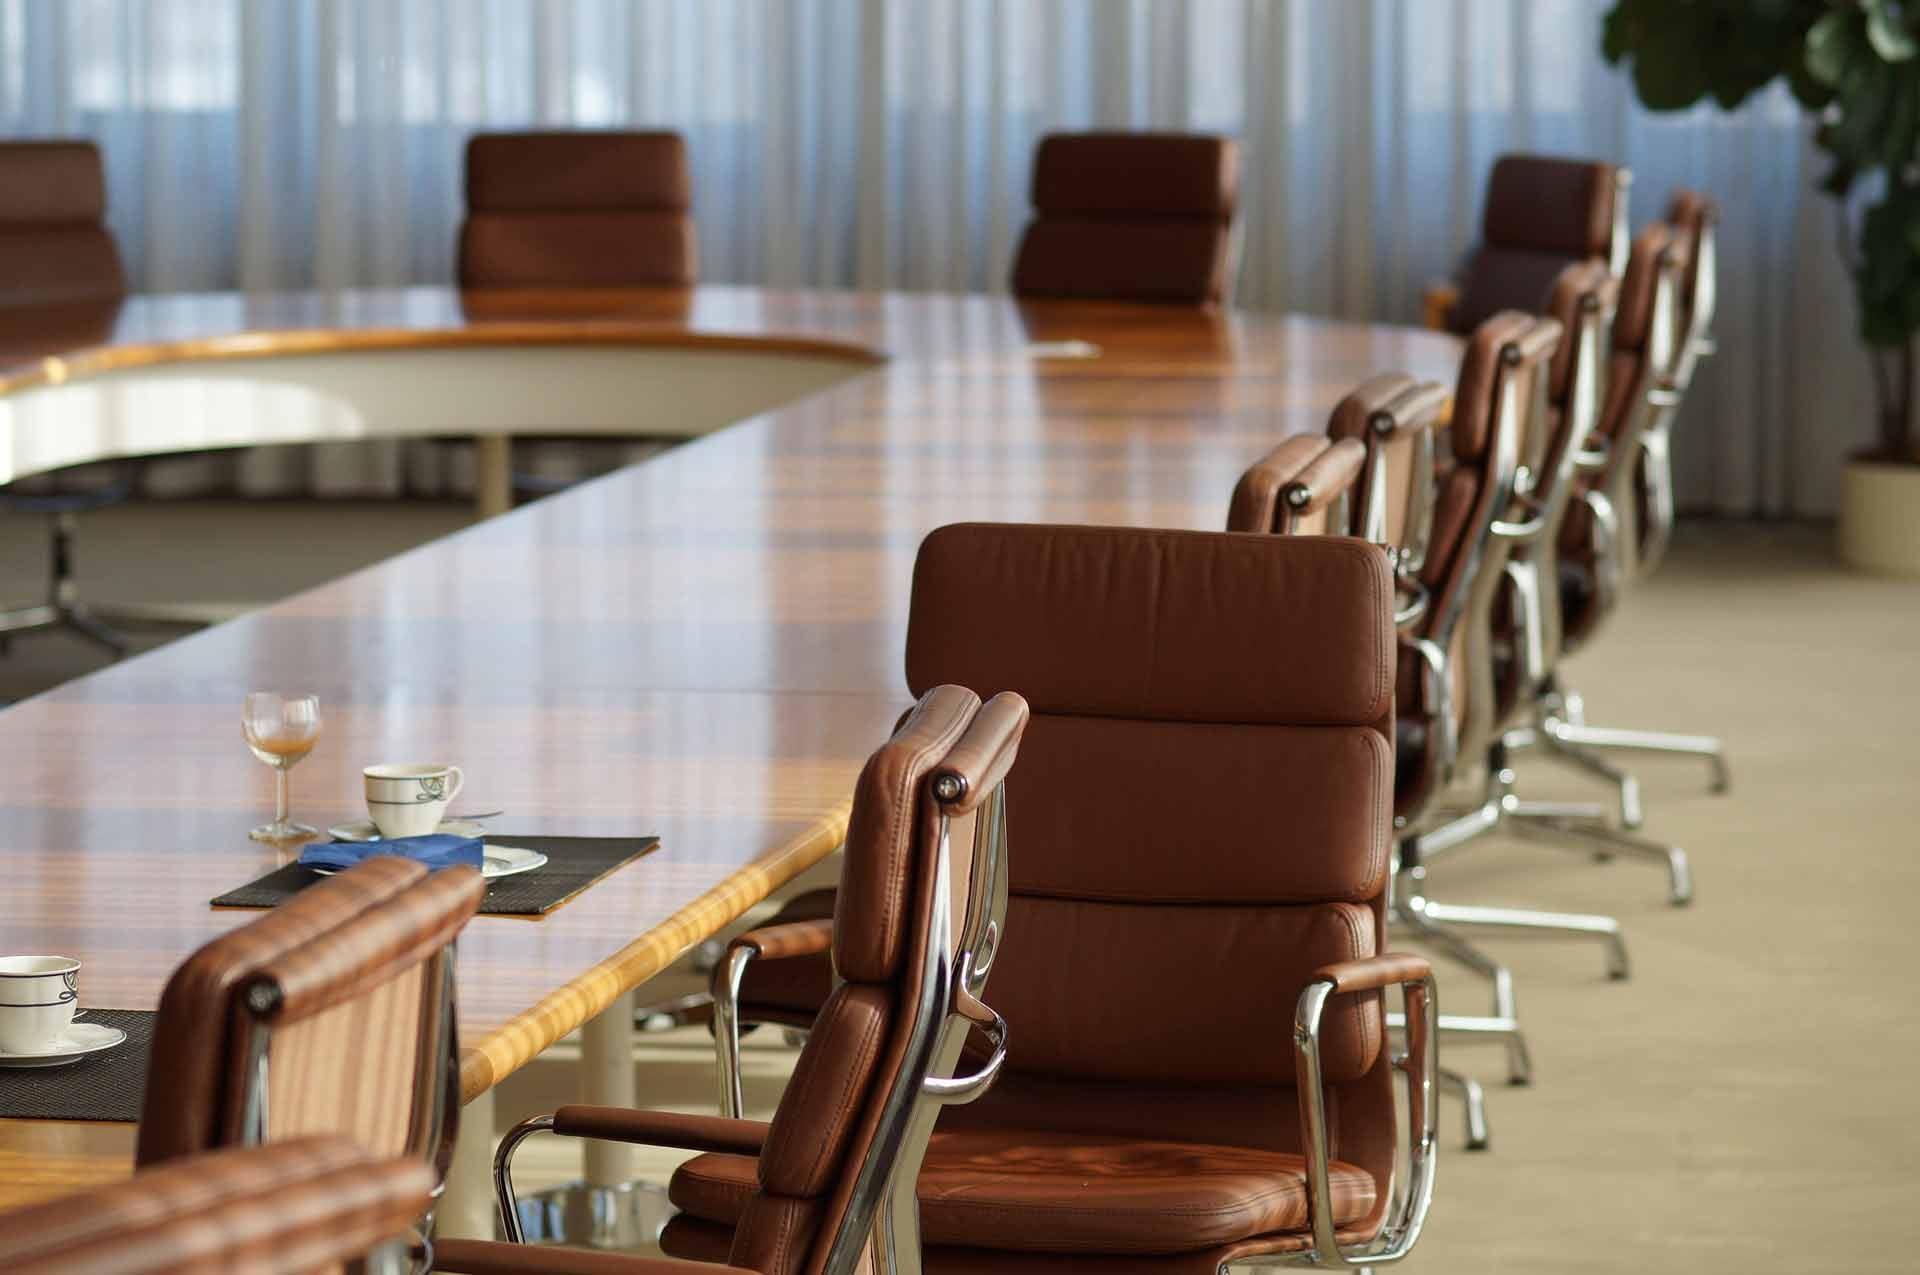 Varias sillas en una sala de reuniones